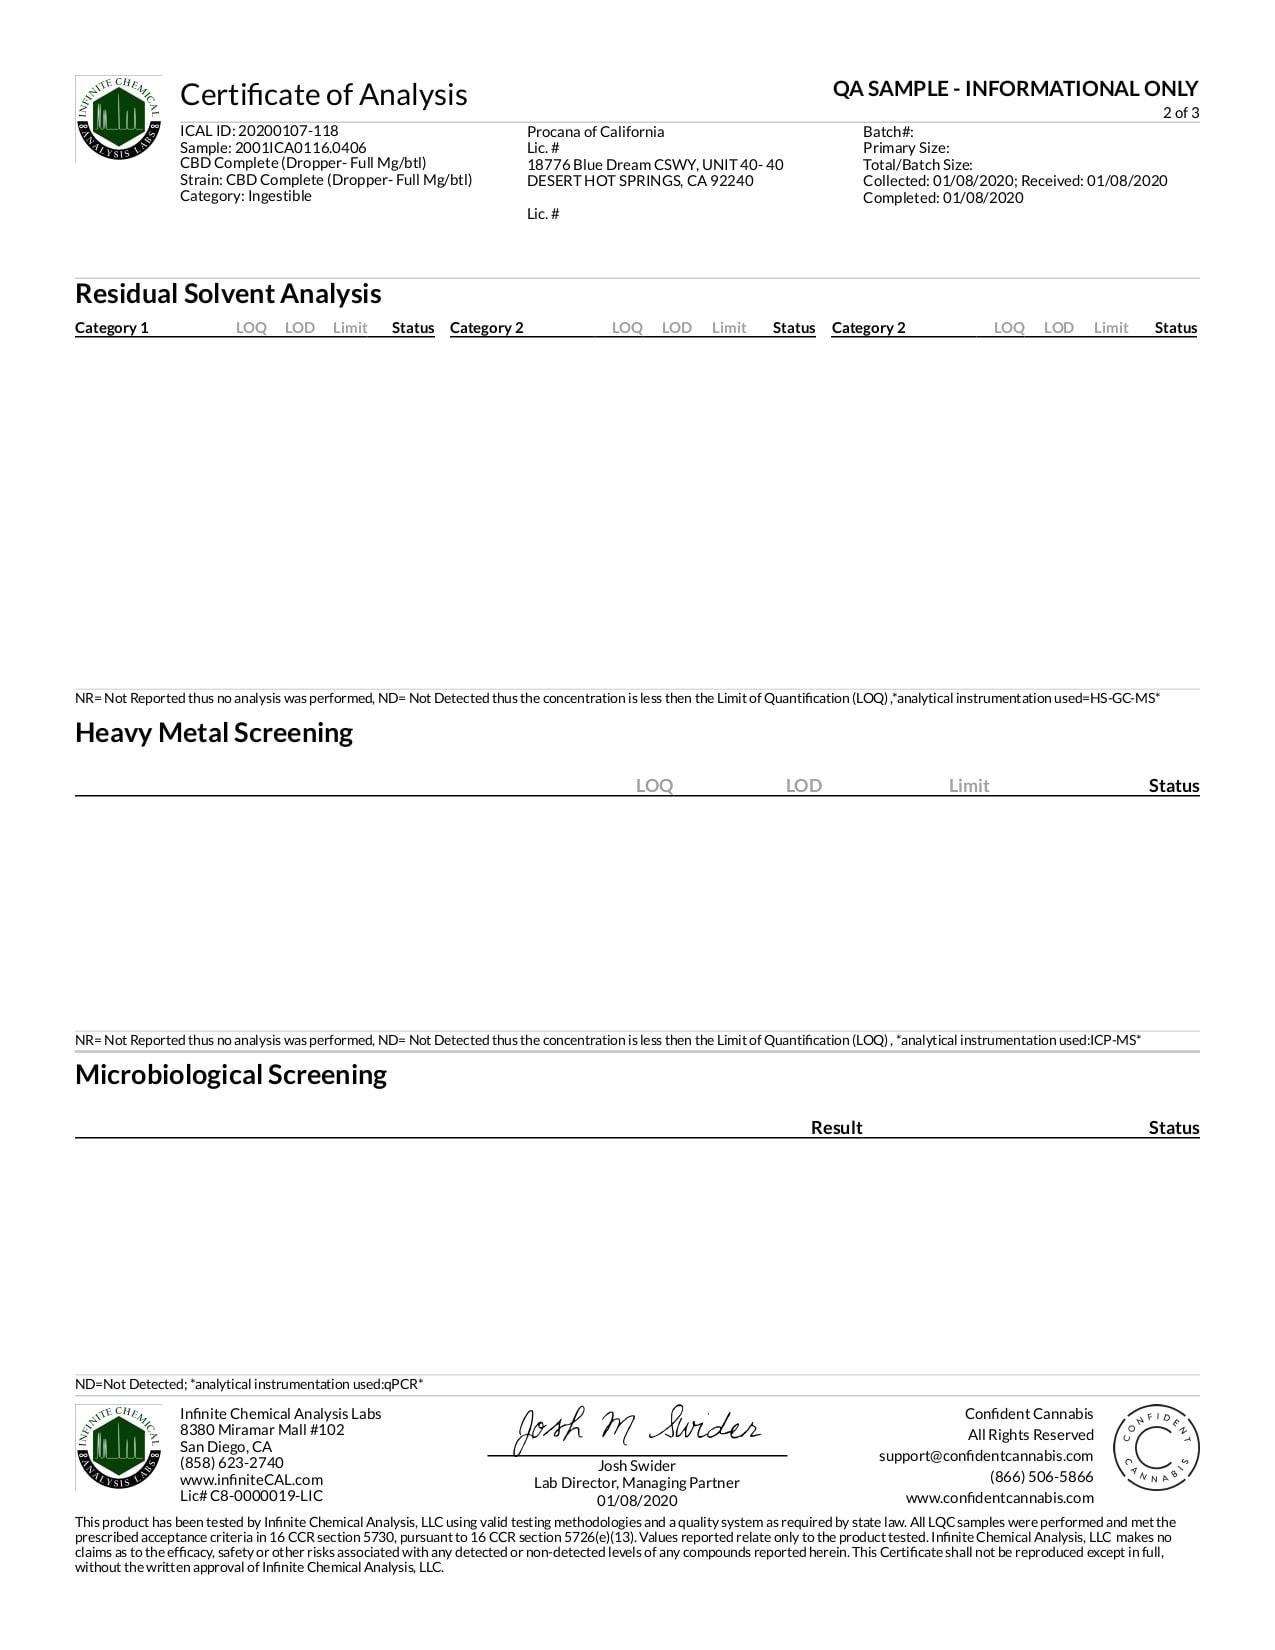 Procana CBD Tincture Complete Lab Report 600mg